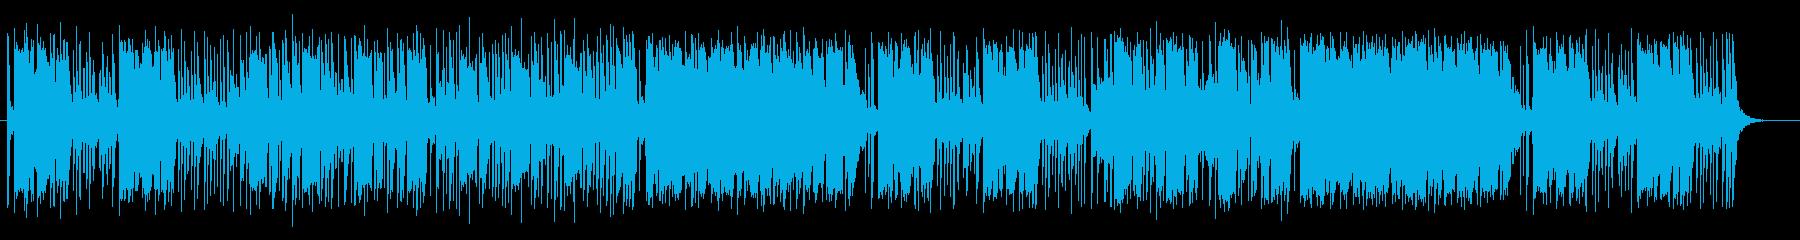 ミステリアスで軽快なポップサウンドの再生済みの波形